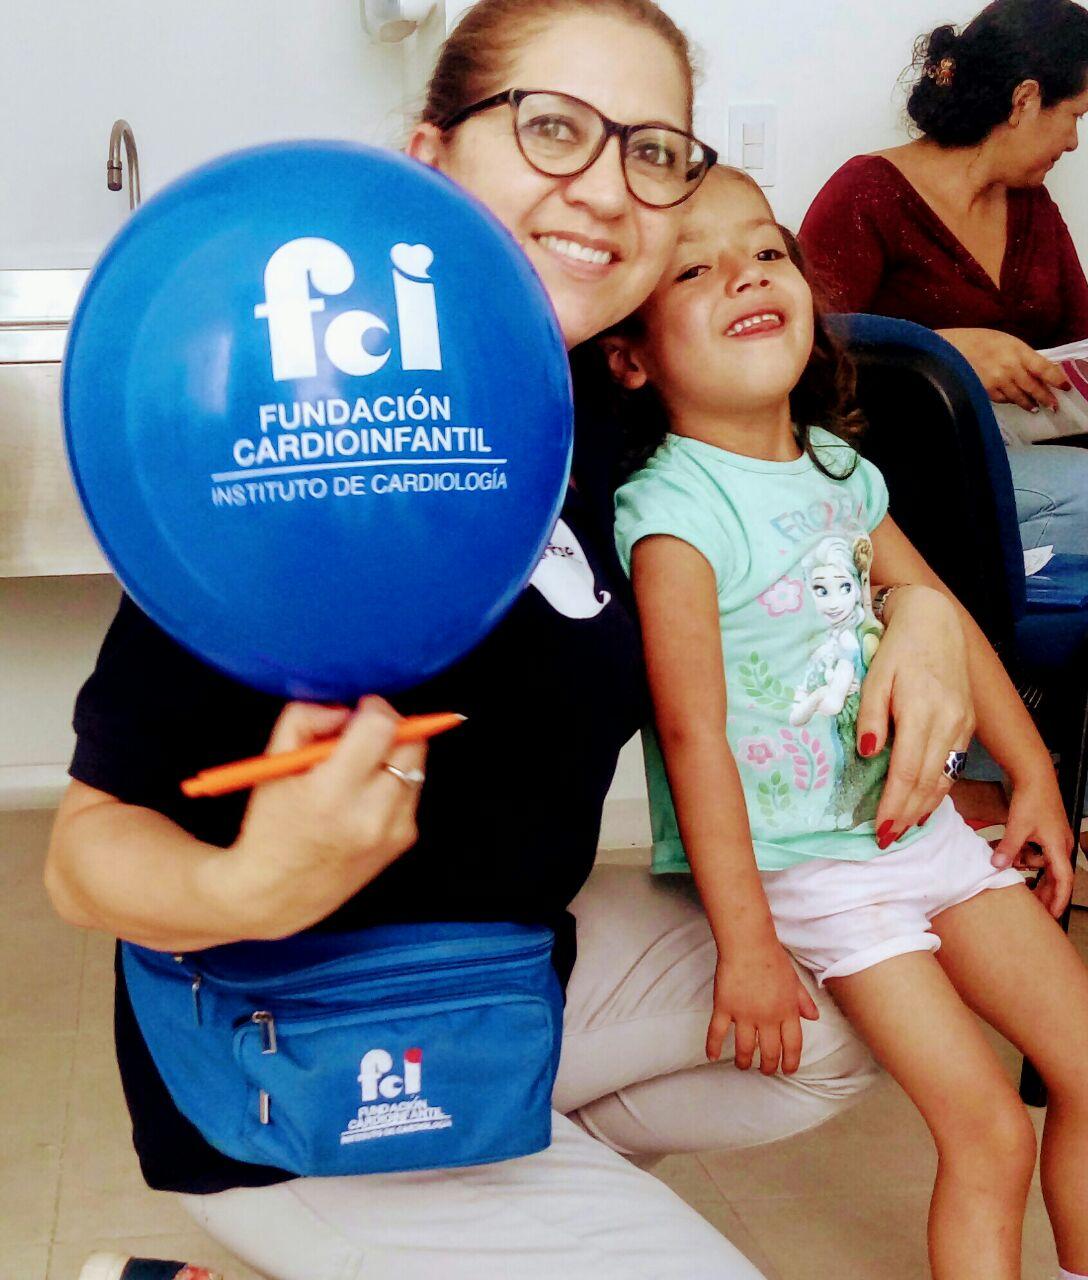 La Fundación Cardioinfantil logró récord histórico en la atención y diagnóstico de niños enfermos del corazón en Casanare y departamentos aledaños